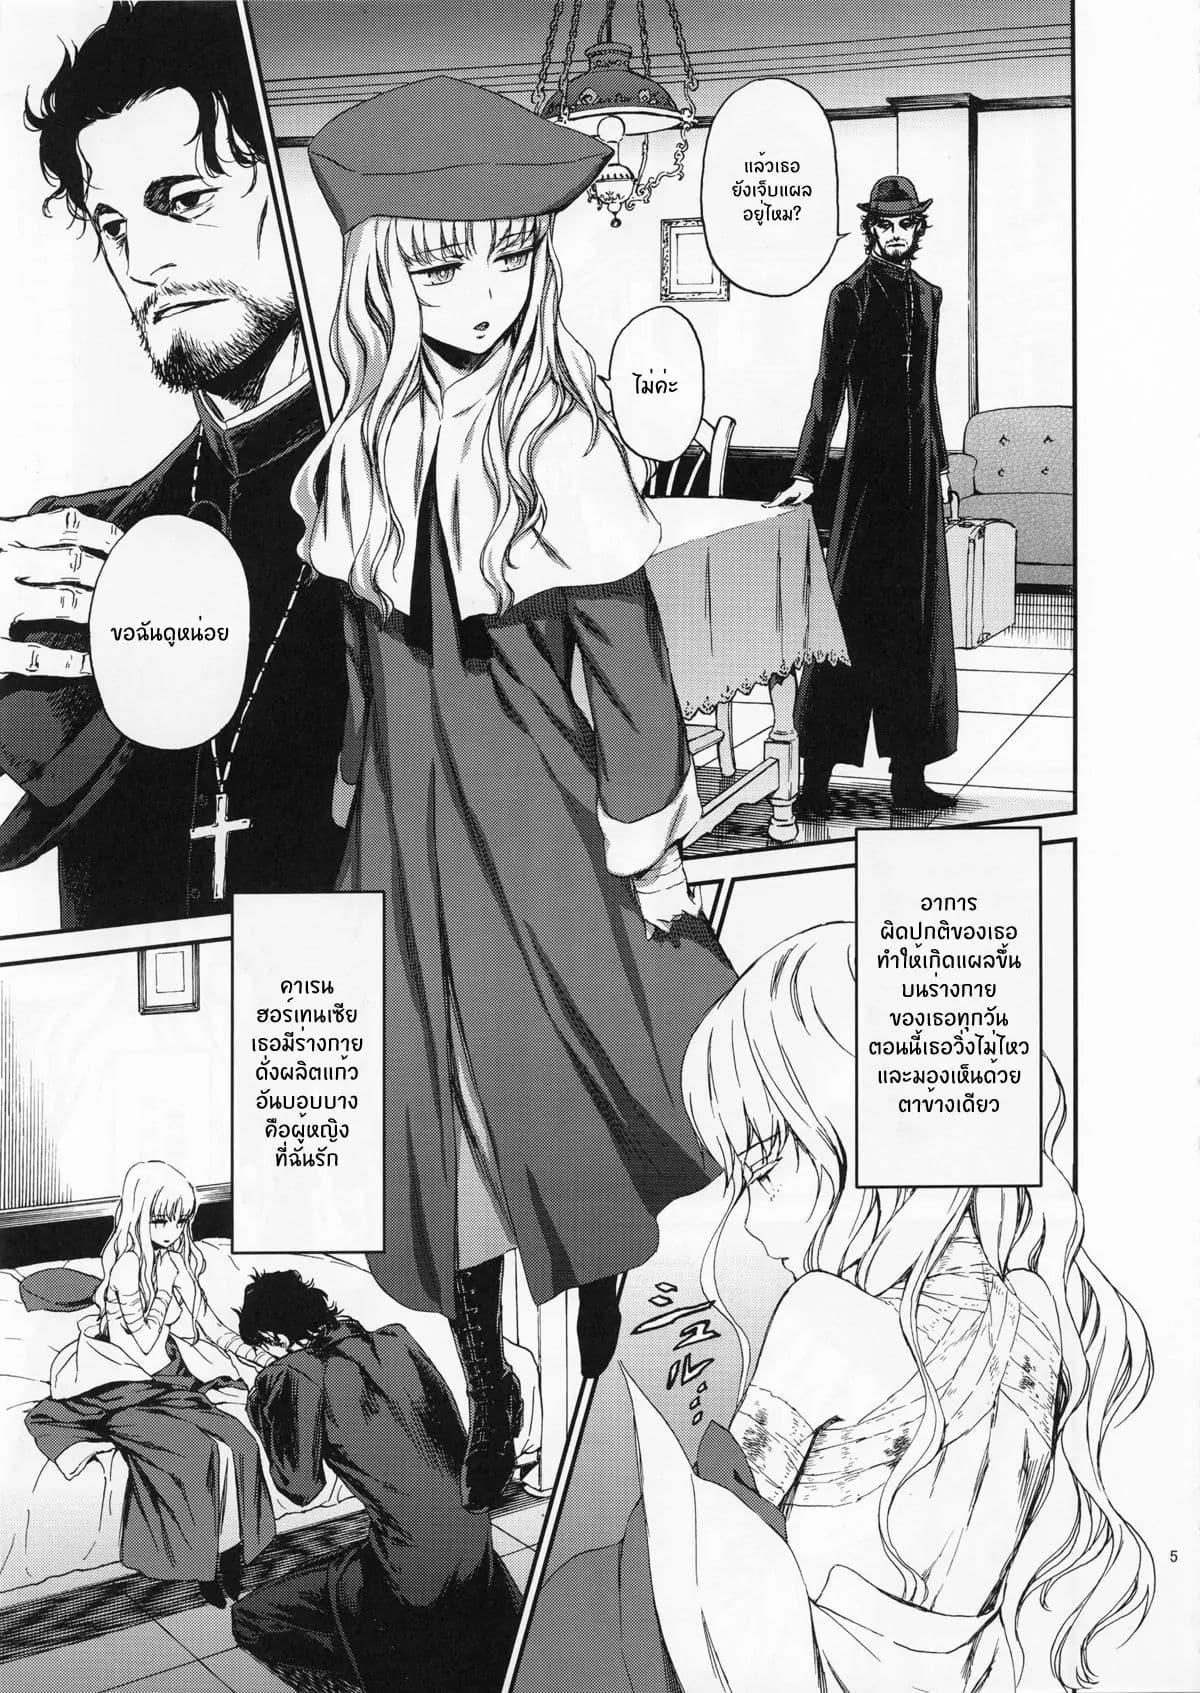 อ่านการ์ตูน (C83) [Ikujinashi no Fetishist] Eros&Agape (Fate hollow ataraxia) ภาพที่ 4